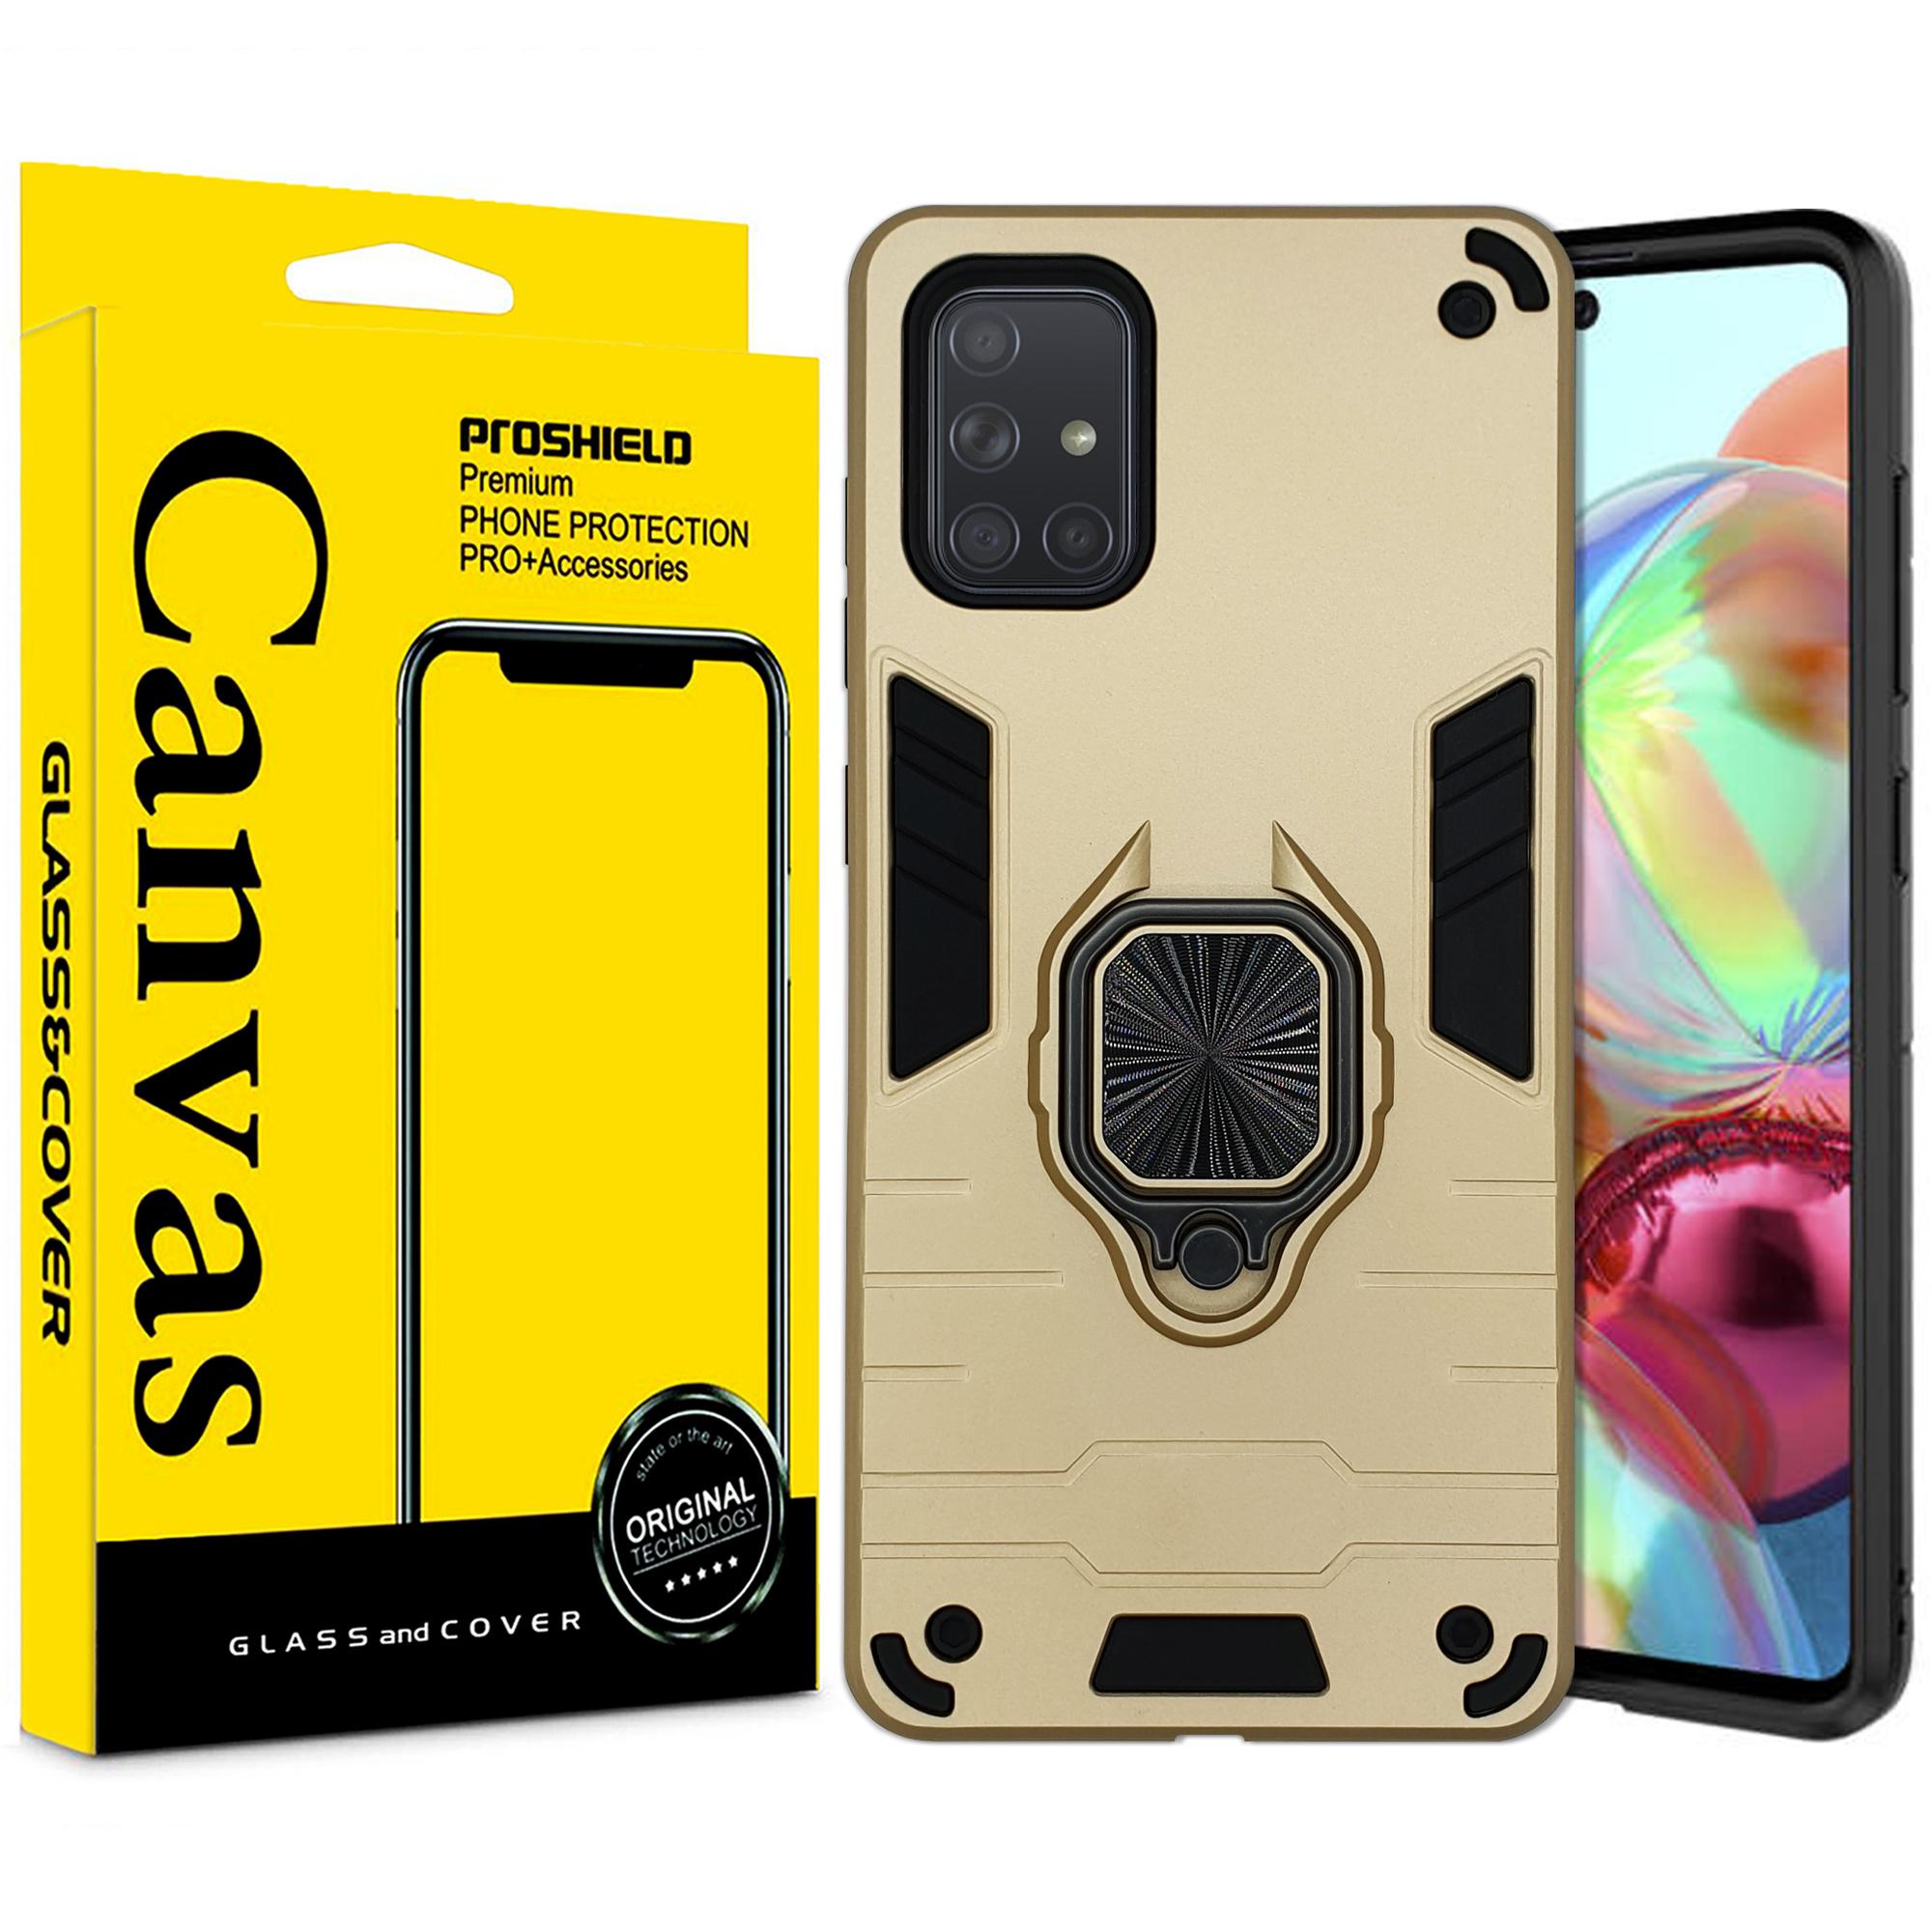 کاور کانواس مدل RHINO SERIES مناسب برای گوشی موبایل سامسونگ Galaxy A51